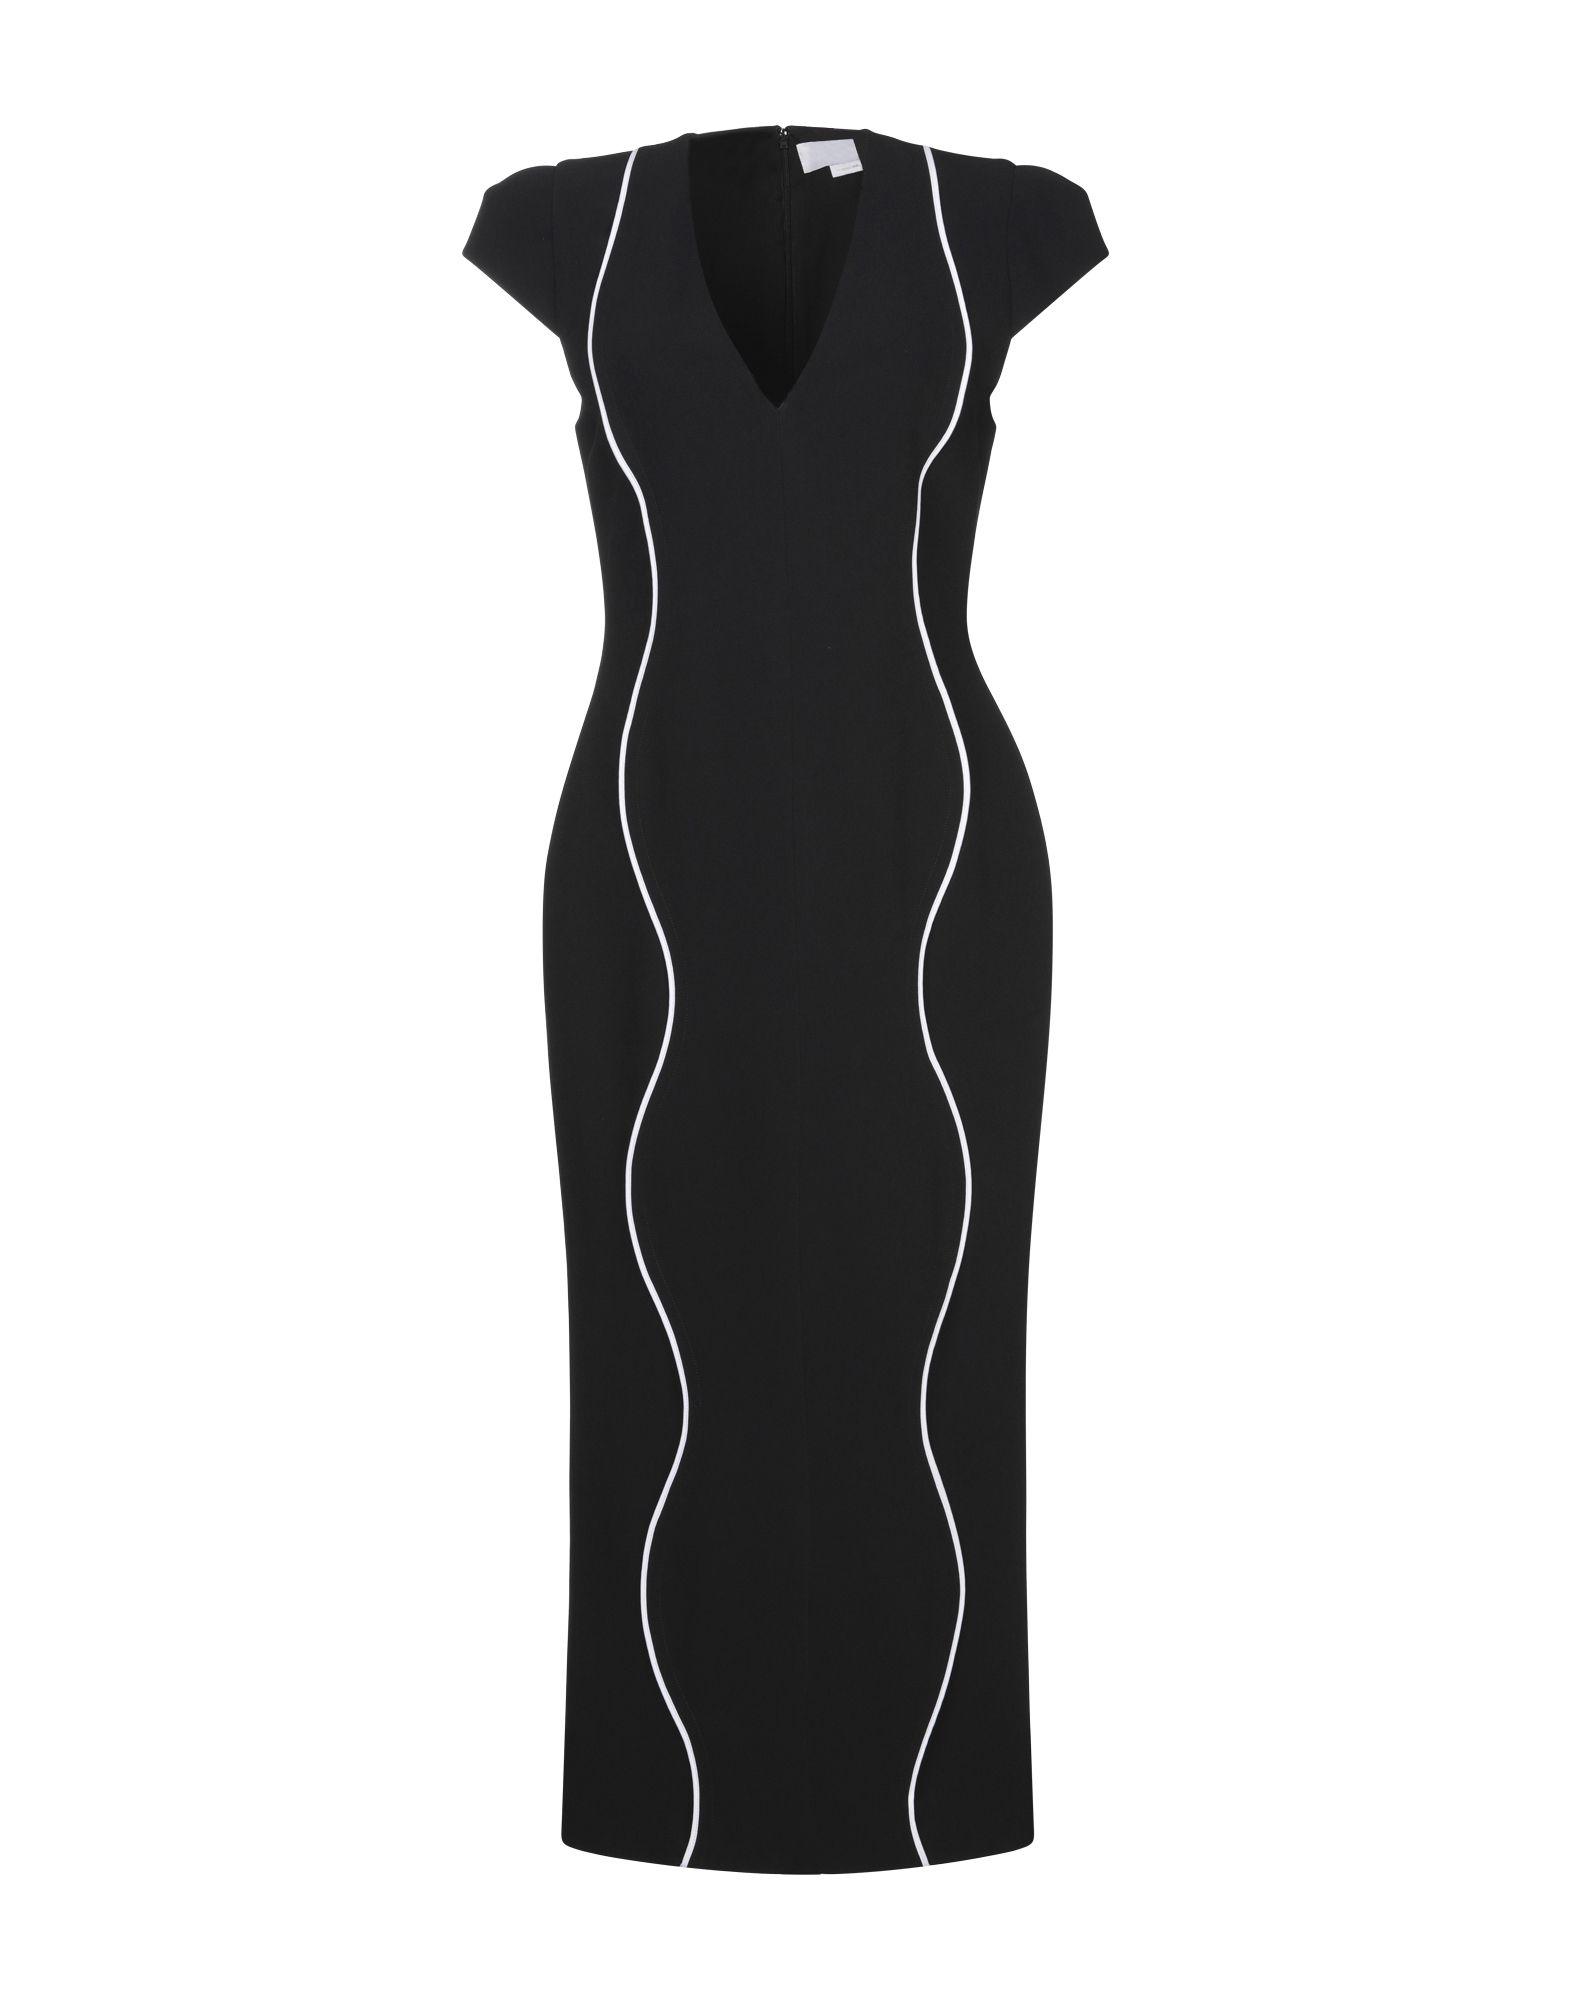 GENNY ジェニー レディース 7分丈ワンピース・ドレス ブラック - フューシャ